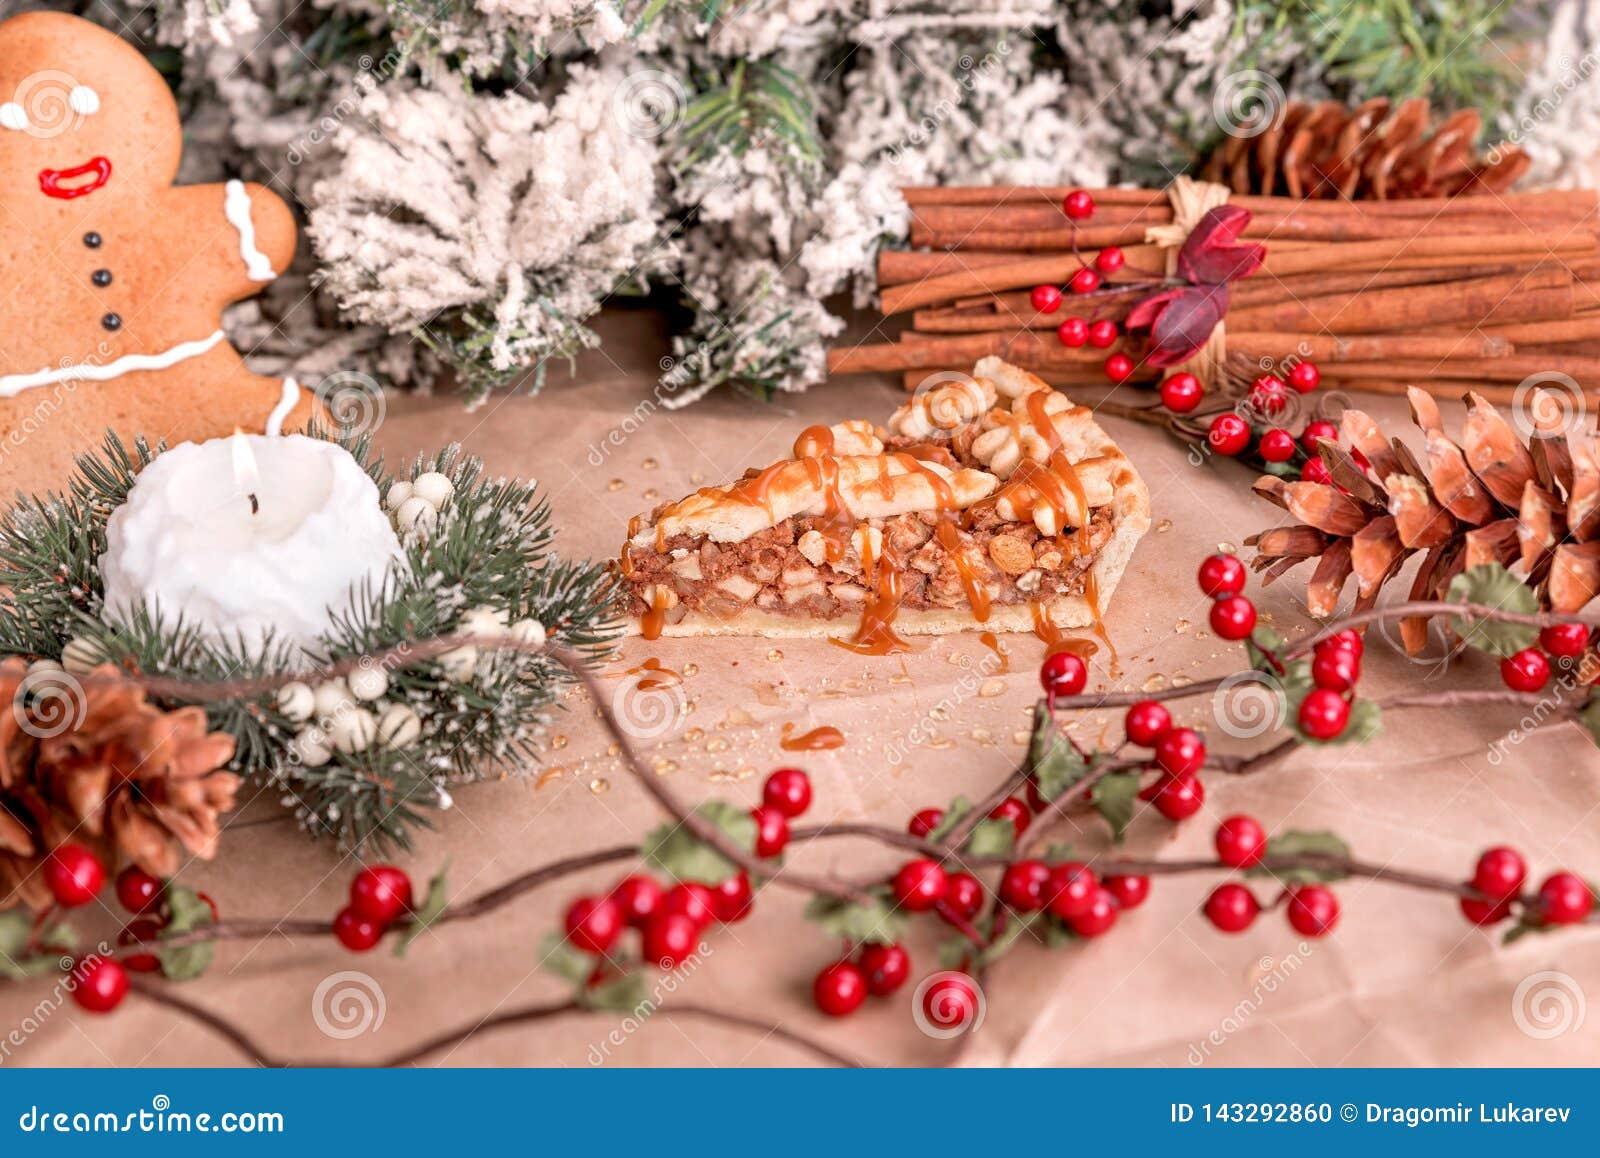 Σπιτική πίτα ξύλων καρυδιάς με την καραμέλα και την κανέλα